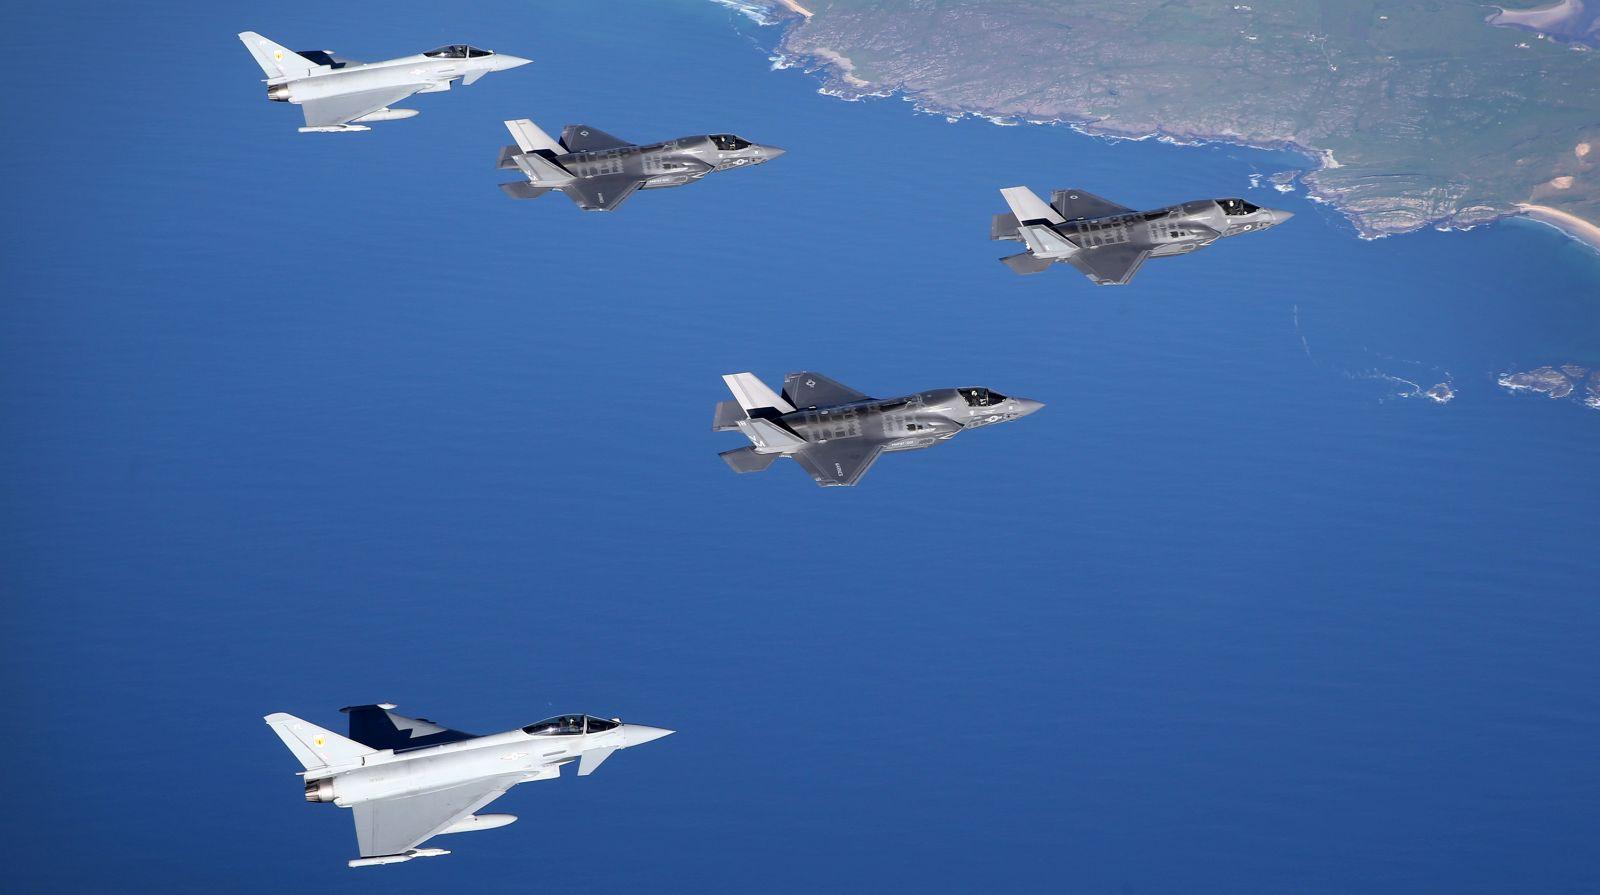 W pobliżu Wysp Brytyjskich do F-35 dołączyła para Typhoonów z 1. Eskadry RAF-u (fot. RAF / MOD News Licence)